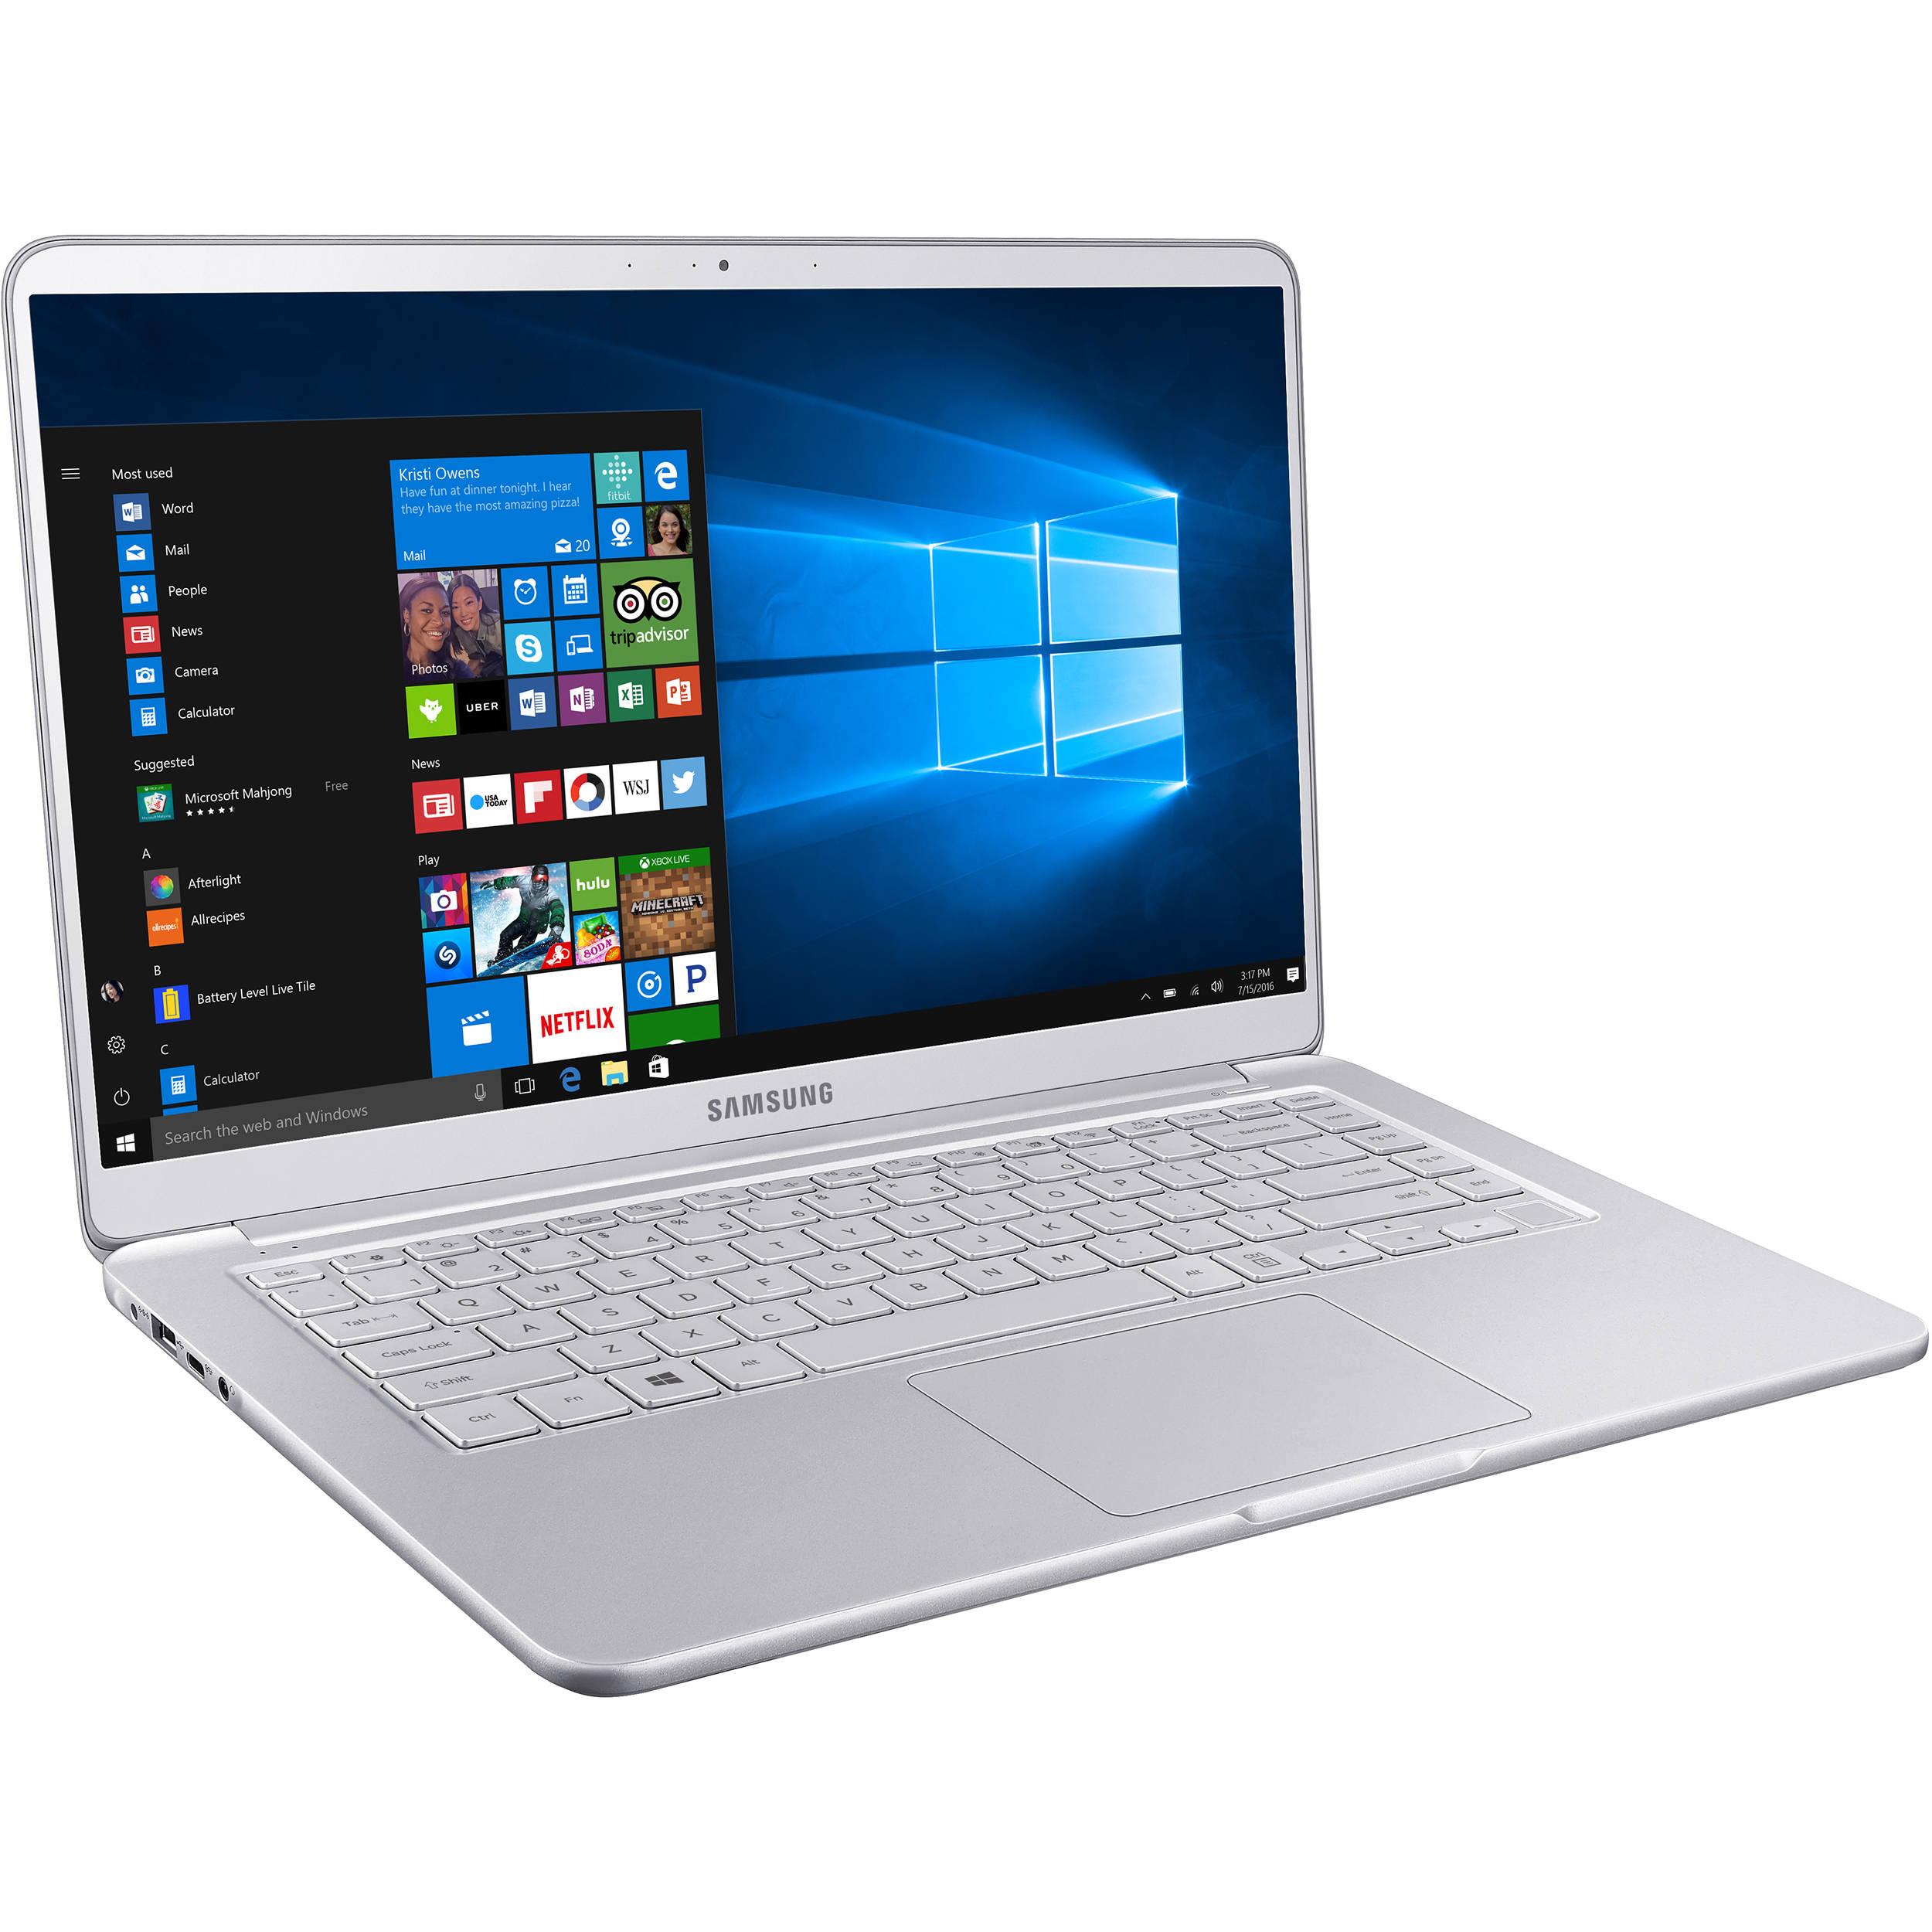 Notebook samsung 9 - Samsung 15 Notebook 9 Ext Light Titan